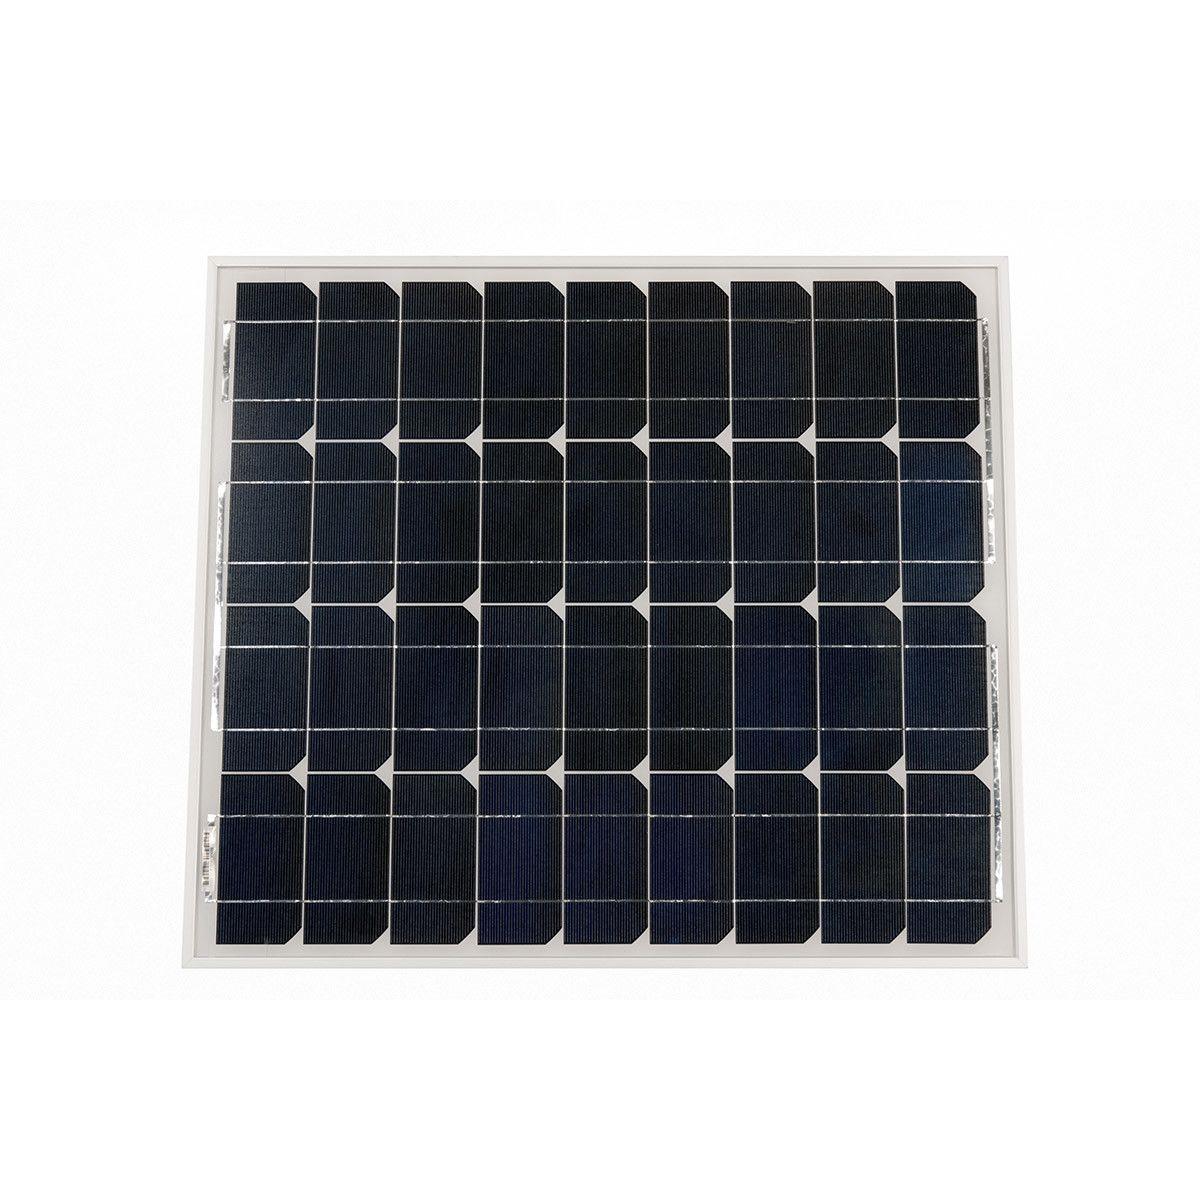 Ramingt-Home Panneau Solaire 40W 18V Power Panel monocristallines de Silicium Semi-Souple Accueil Electricit/é Panneau Solaire pour Motorhome Color : Black, Size : 40W